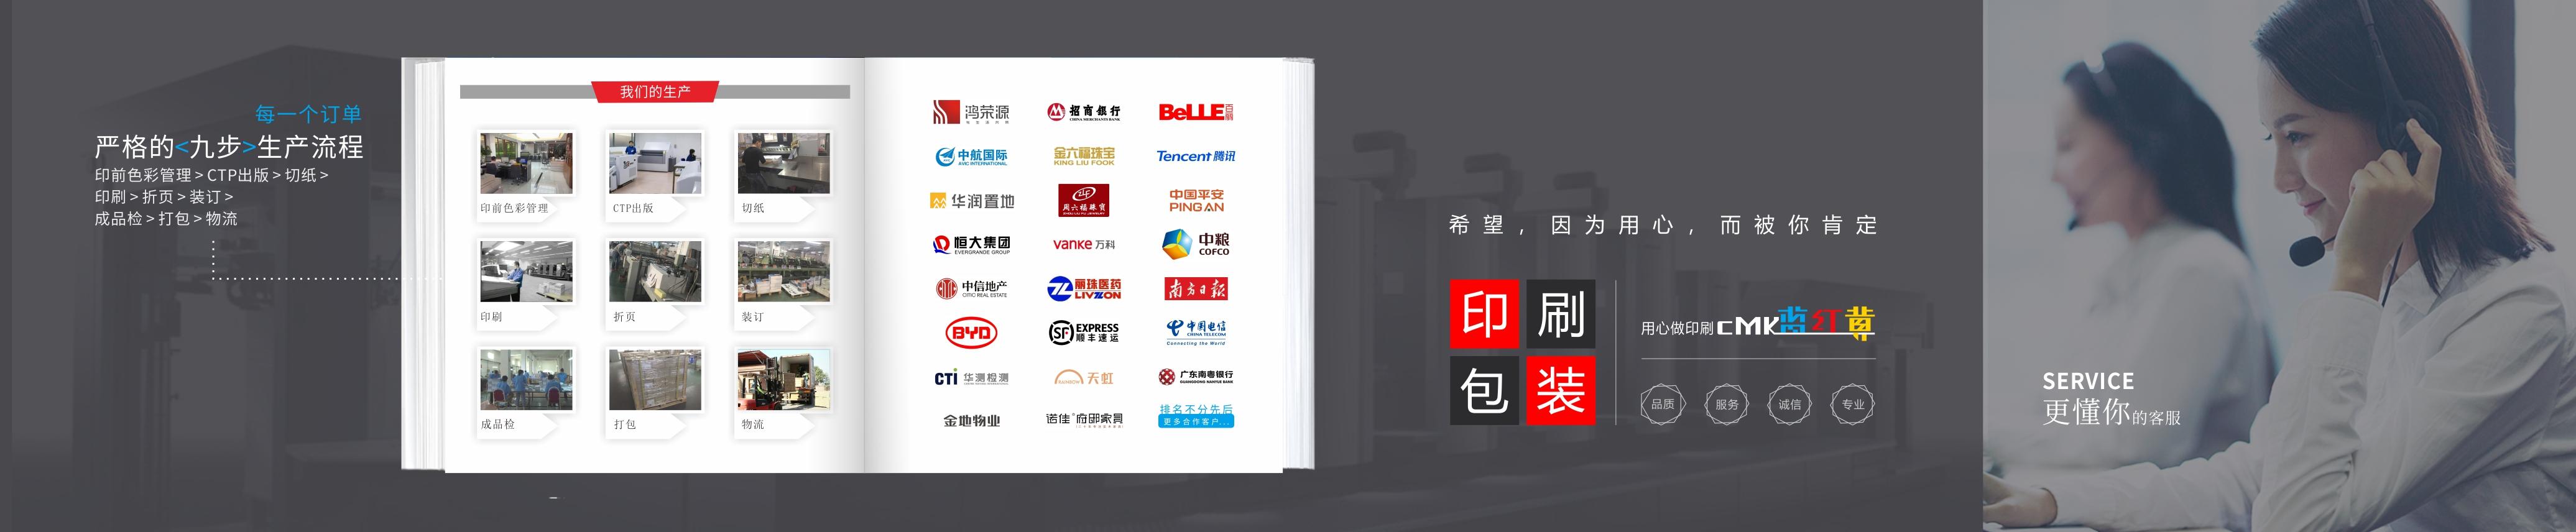 深圳印刷厂,深圳印刷公司,画册印刷